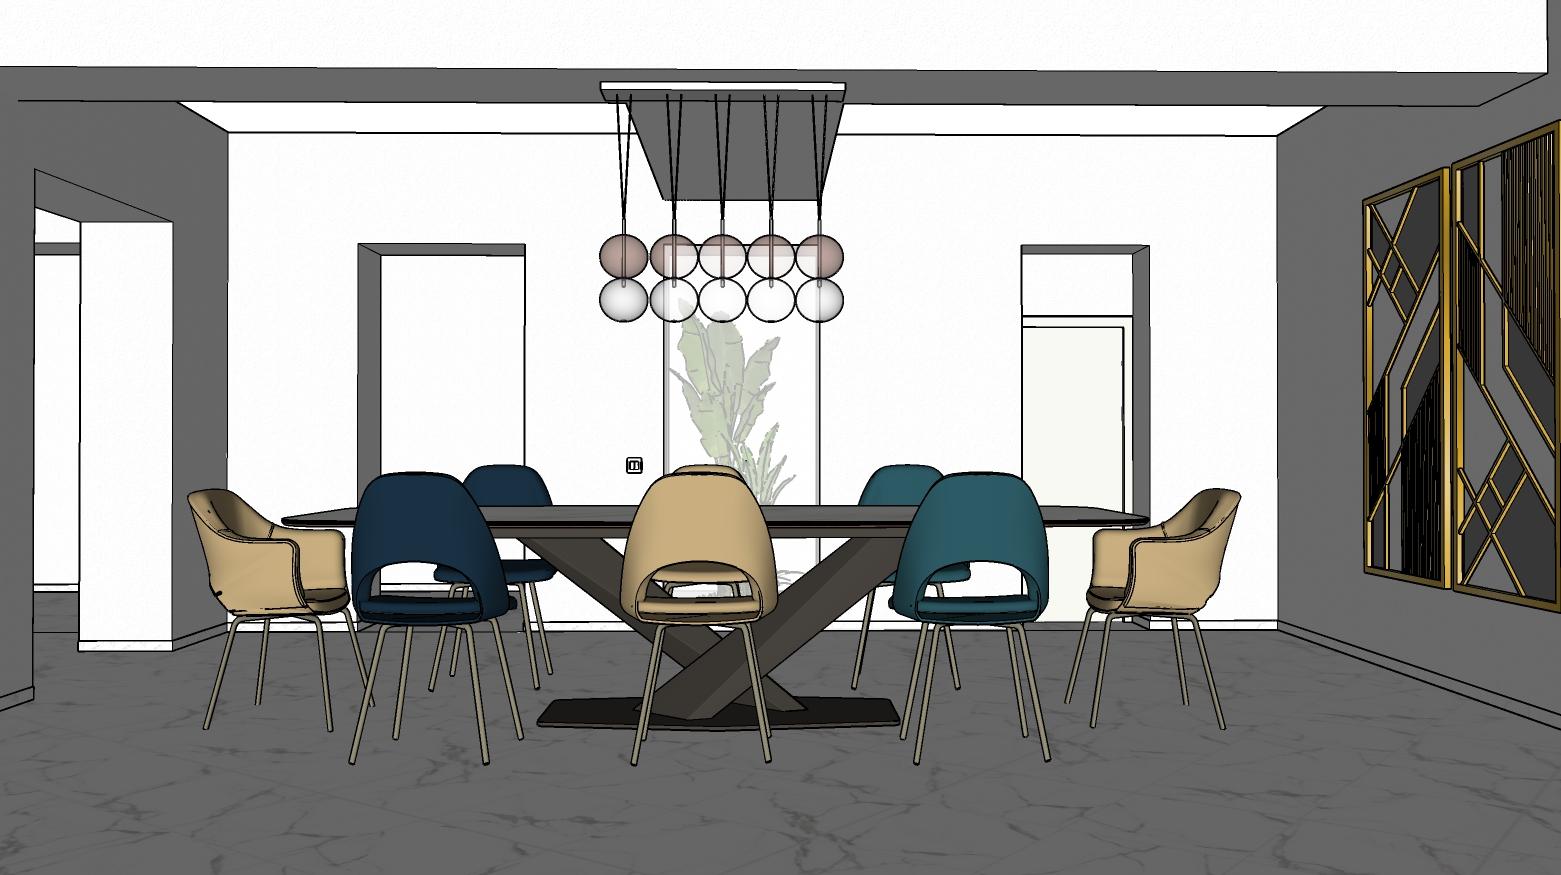 Tavolo da pranzo con sedie colorate